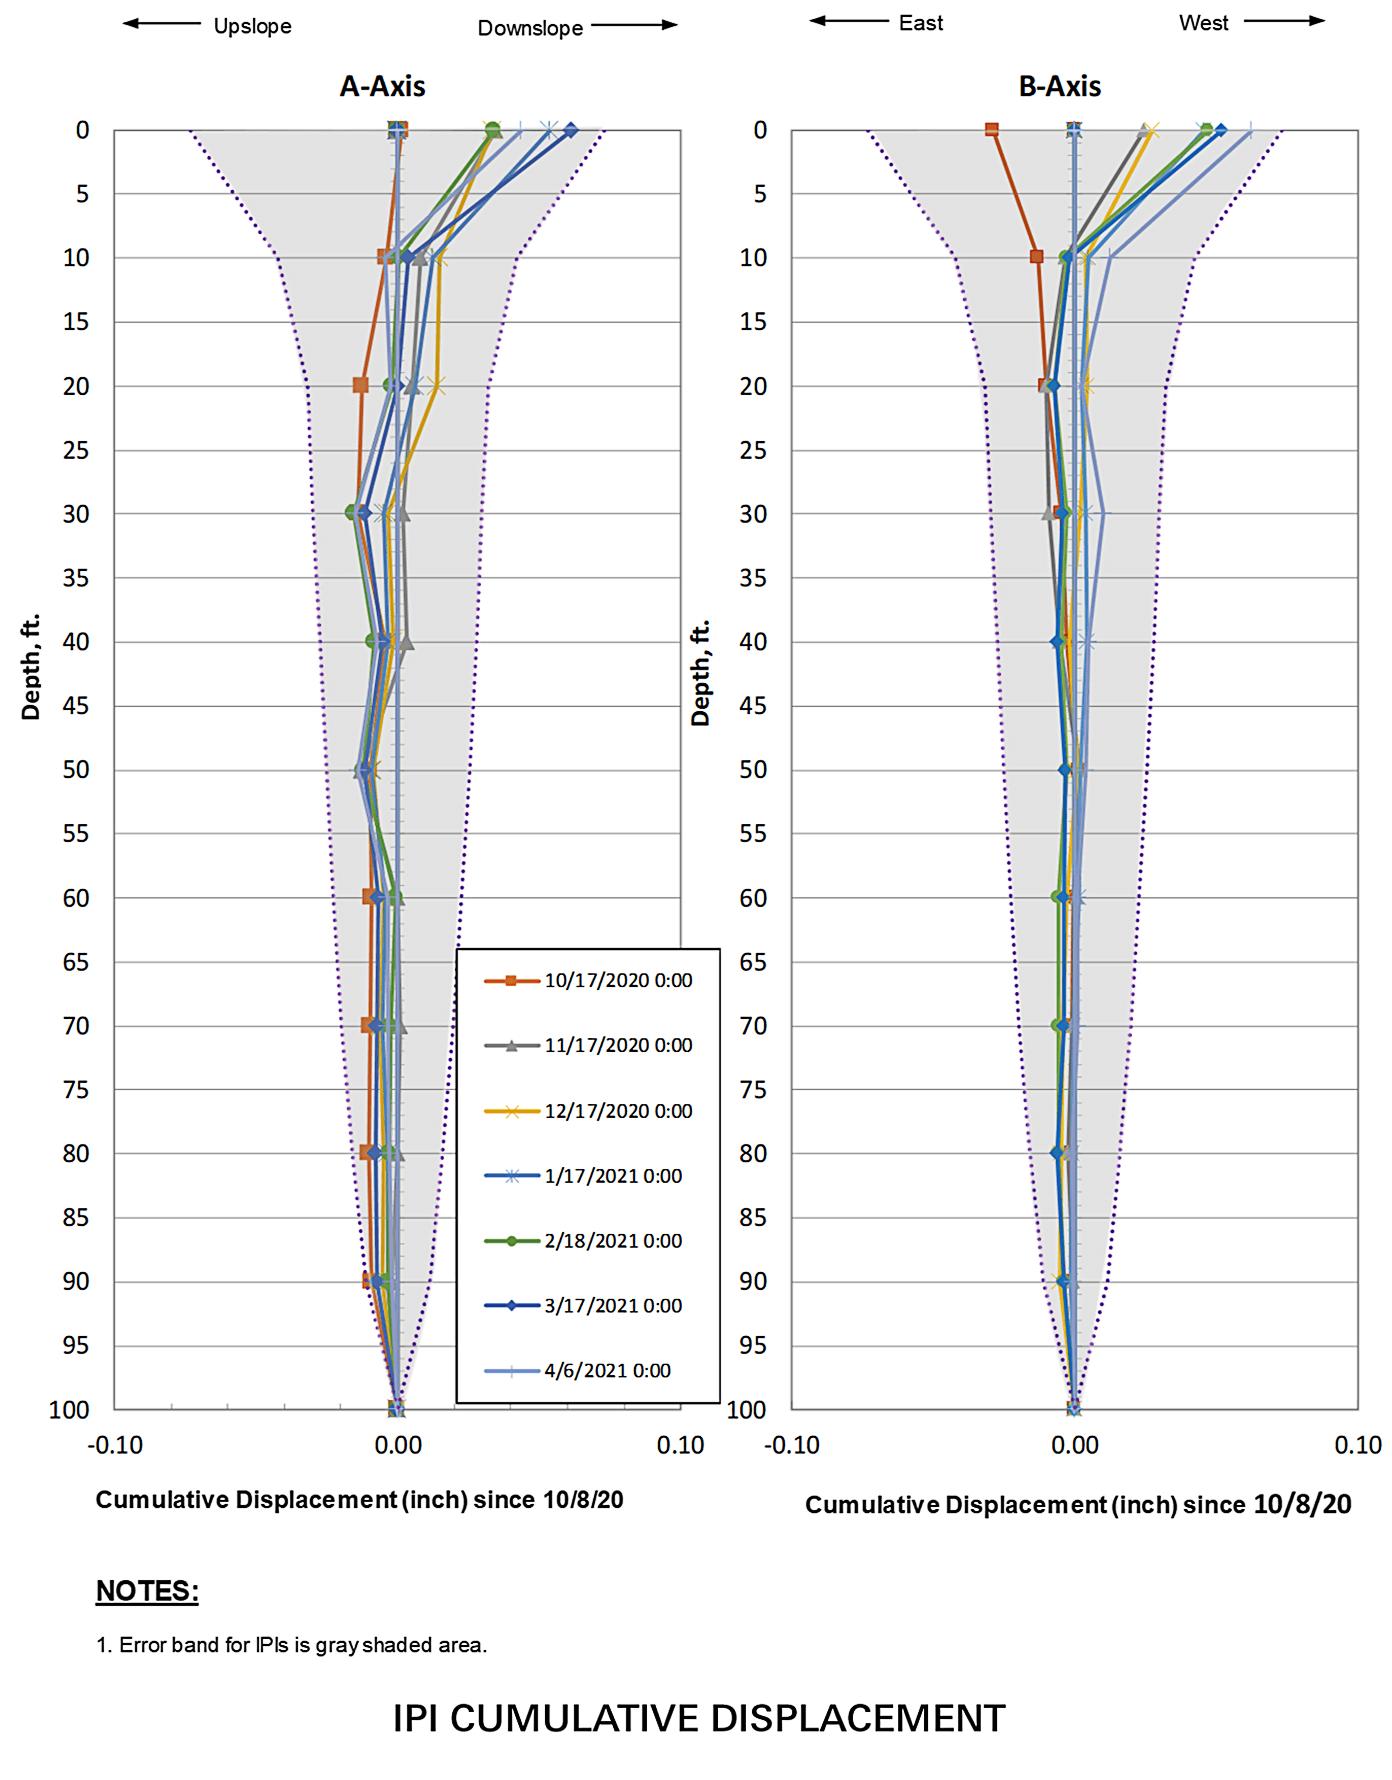 Image of plot showing the cumulative error band alongside some sample IPI data